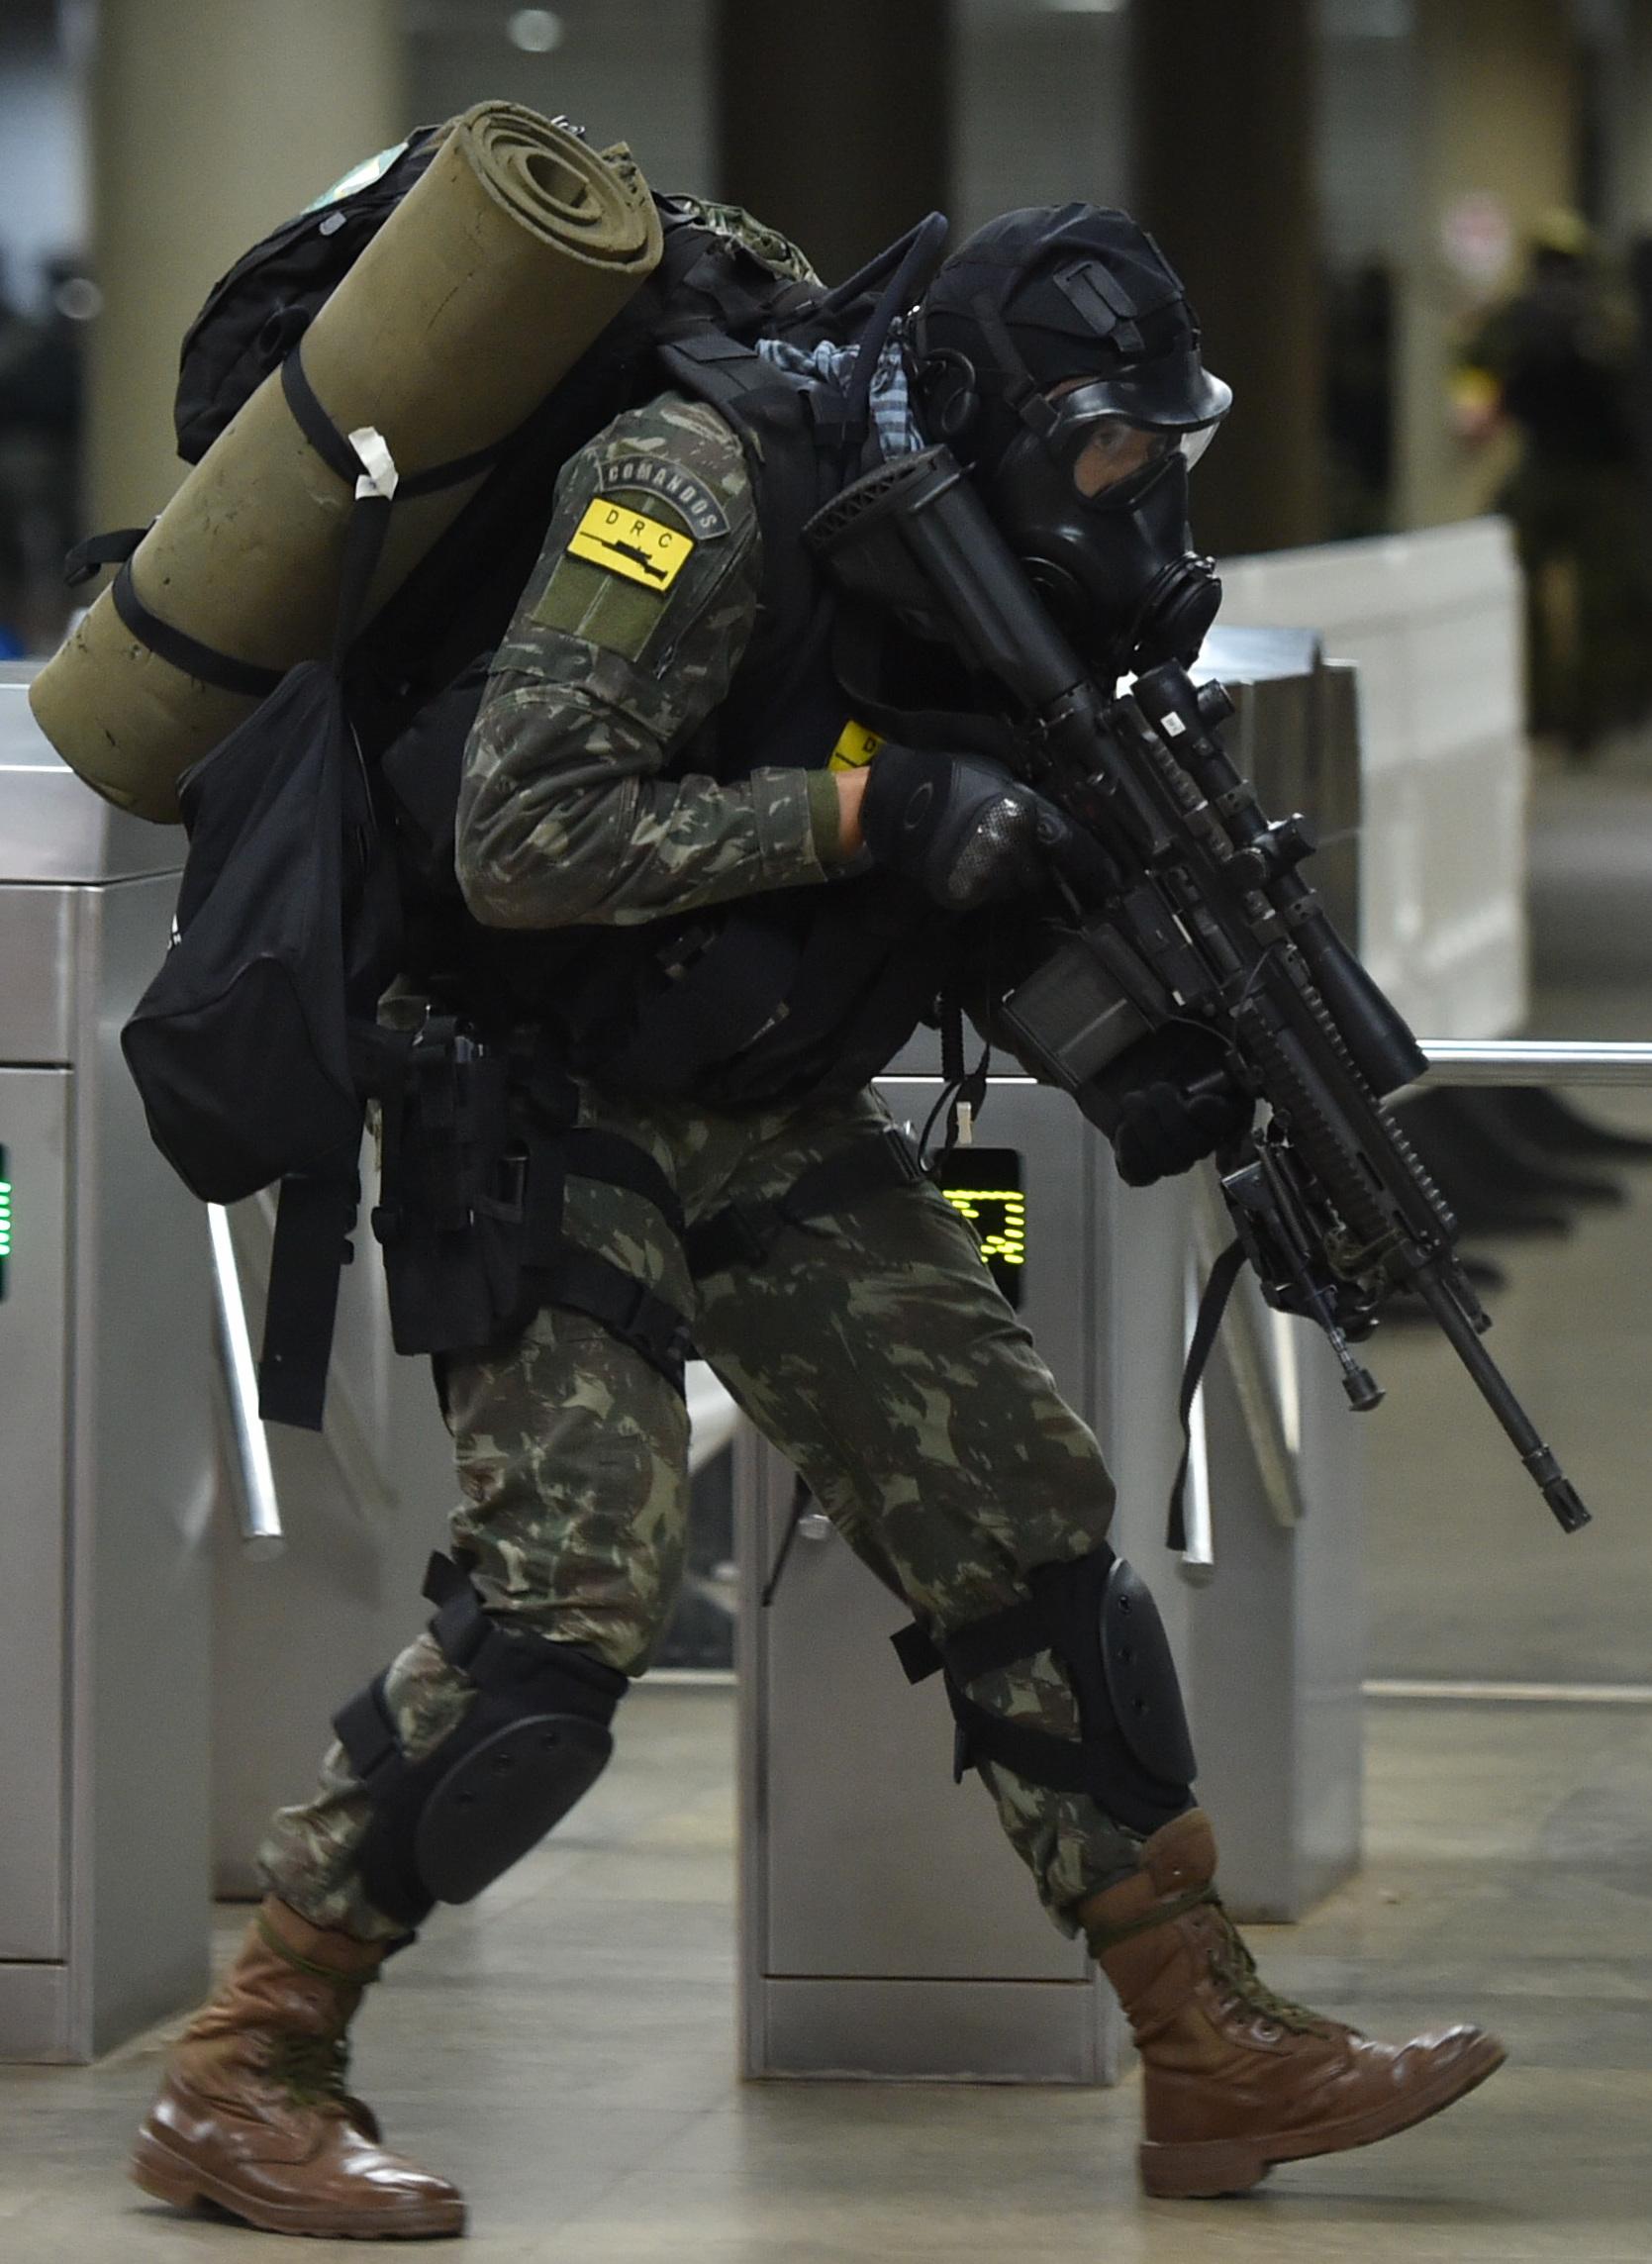 Estação_Central_do_Metrô_tem_simulação_antiterrorismo_para_a_Olimpíada_(28516390702)_(cropped).jpg